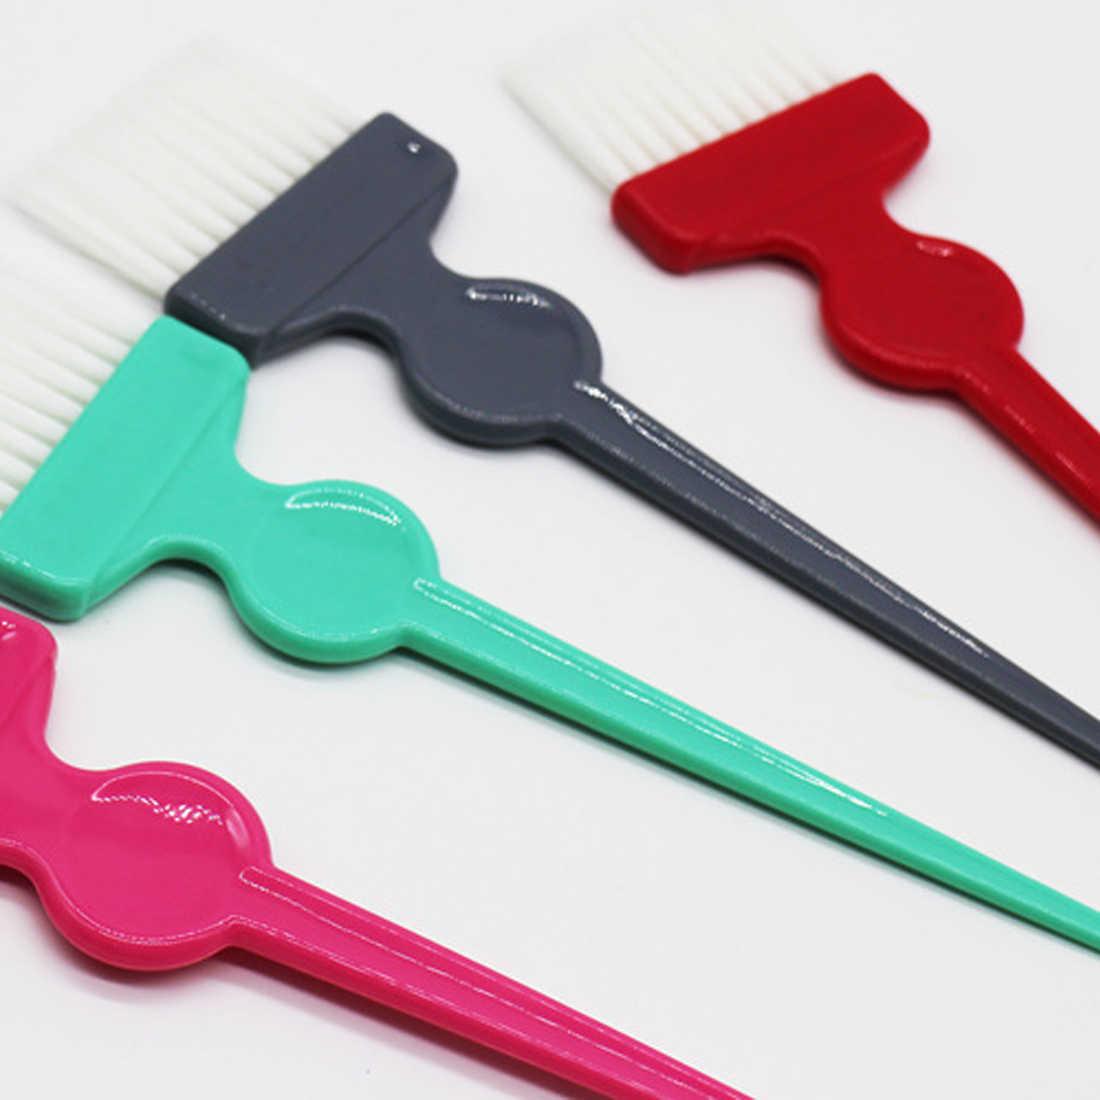 1 шт. Pro салон краска для волос Цвет ing кисти оттенок парикмахерские инструменты для укладки волос Цвет кисть умирает инструмент с двойной двусторонняя для парикмахера